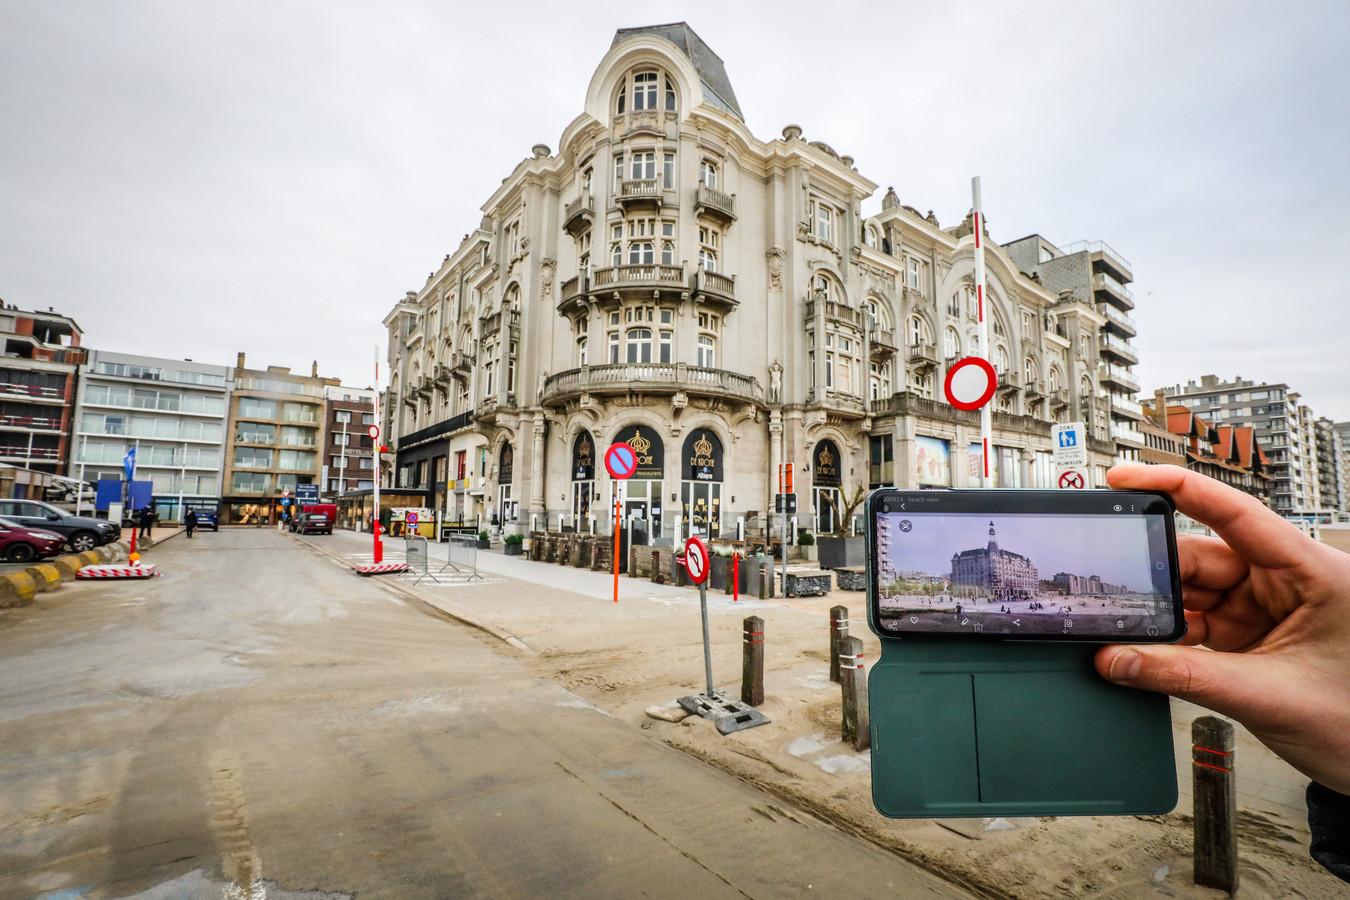 The White Residence zoals het nu is en op de smartphone hoe het er binnen een paar jaar zal uitzien.